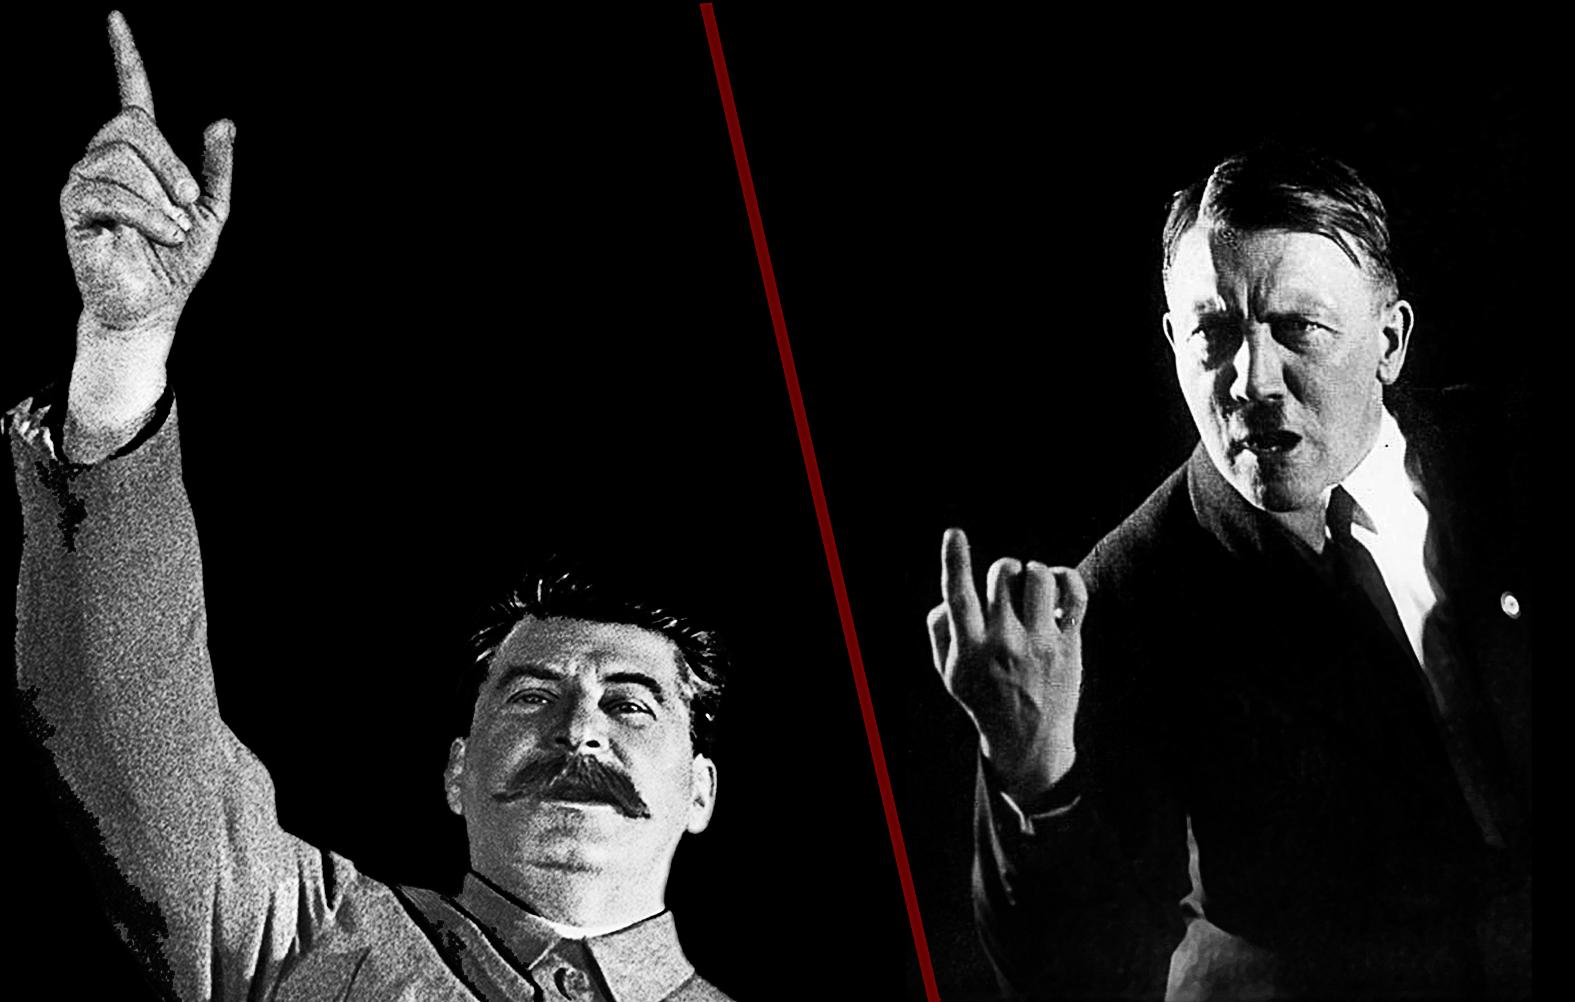 """""""Sztálin tudta revideálni tévedését, amit ellenfele, Hitler soha nem tett meg, fanatizmusa győzött józan esze felett"""" #moszkvater"""